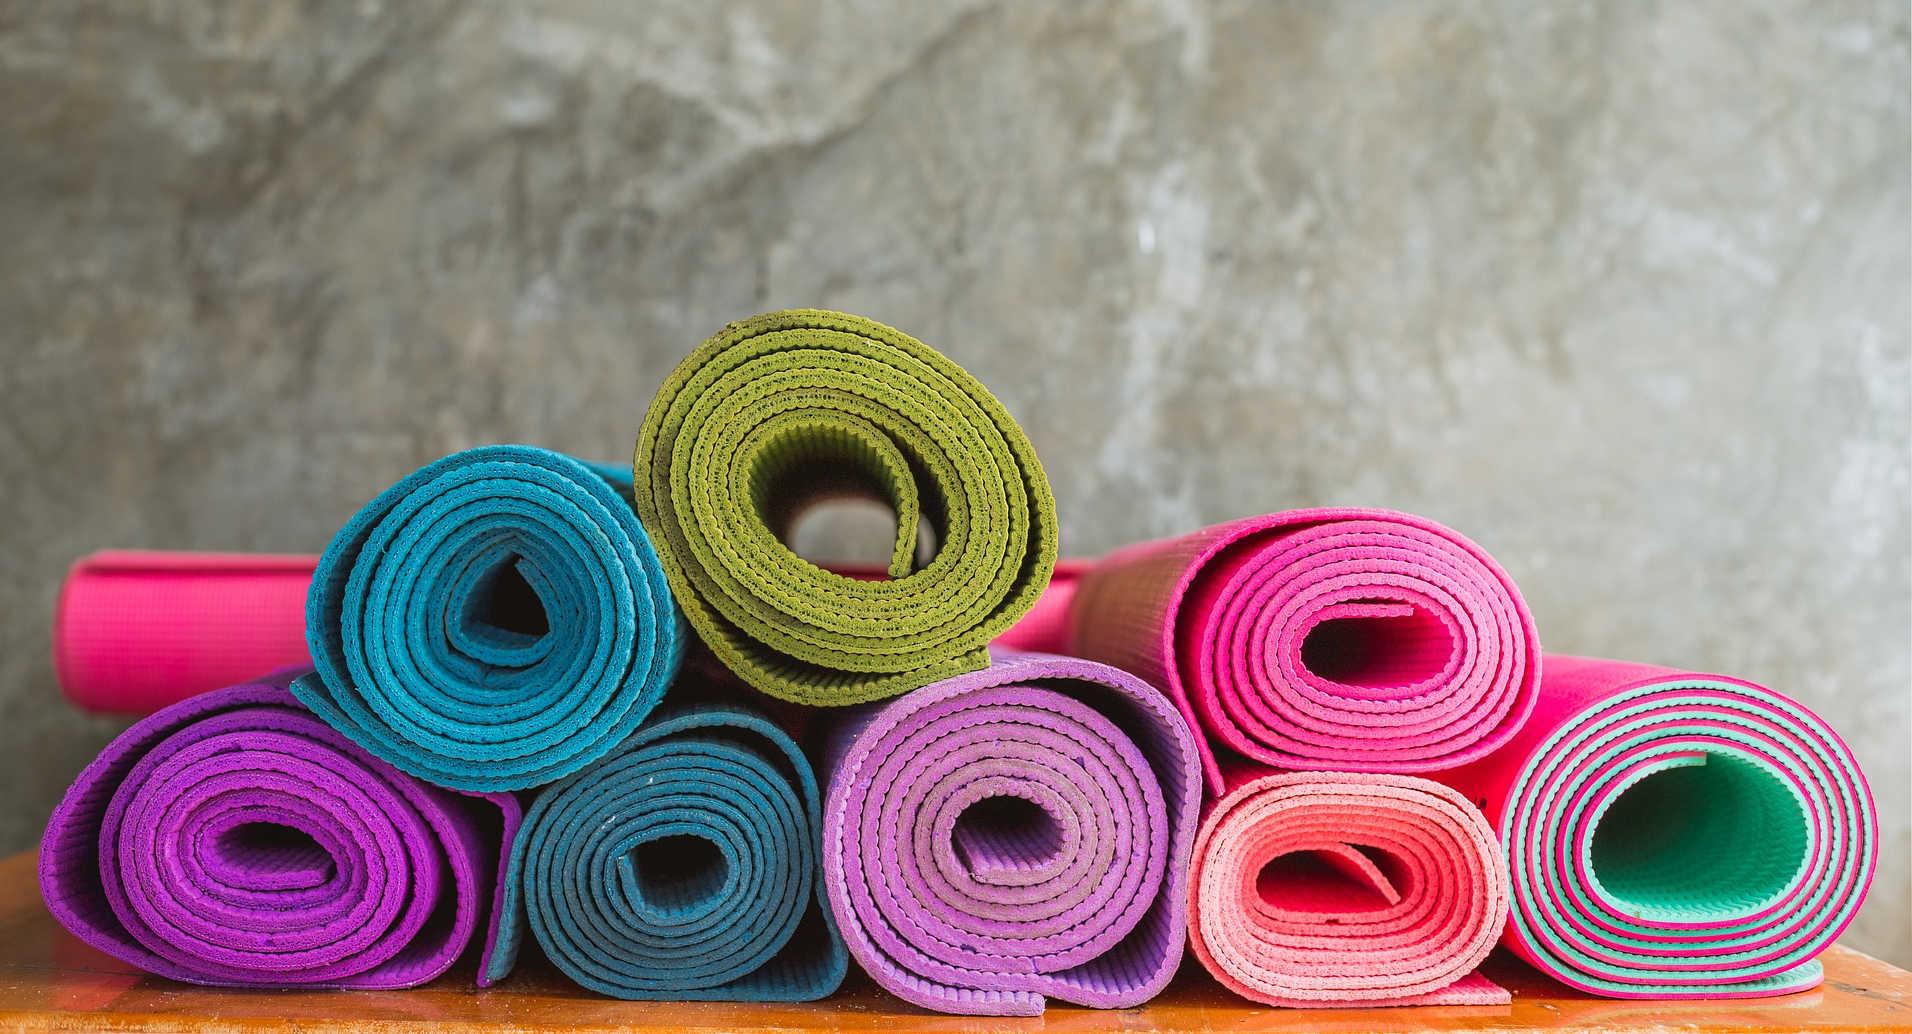 Een yogamat kopen - Deze tips helpen je om een yogamat te kiezen die bij je past.